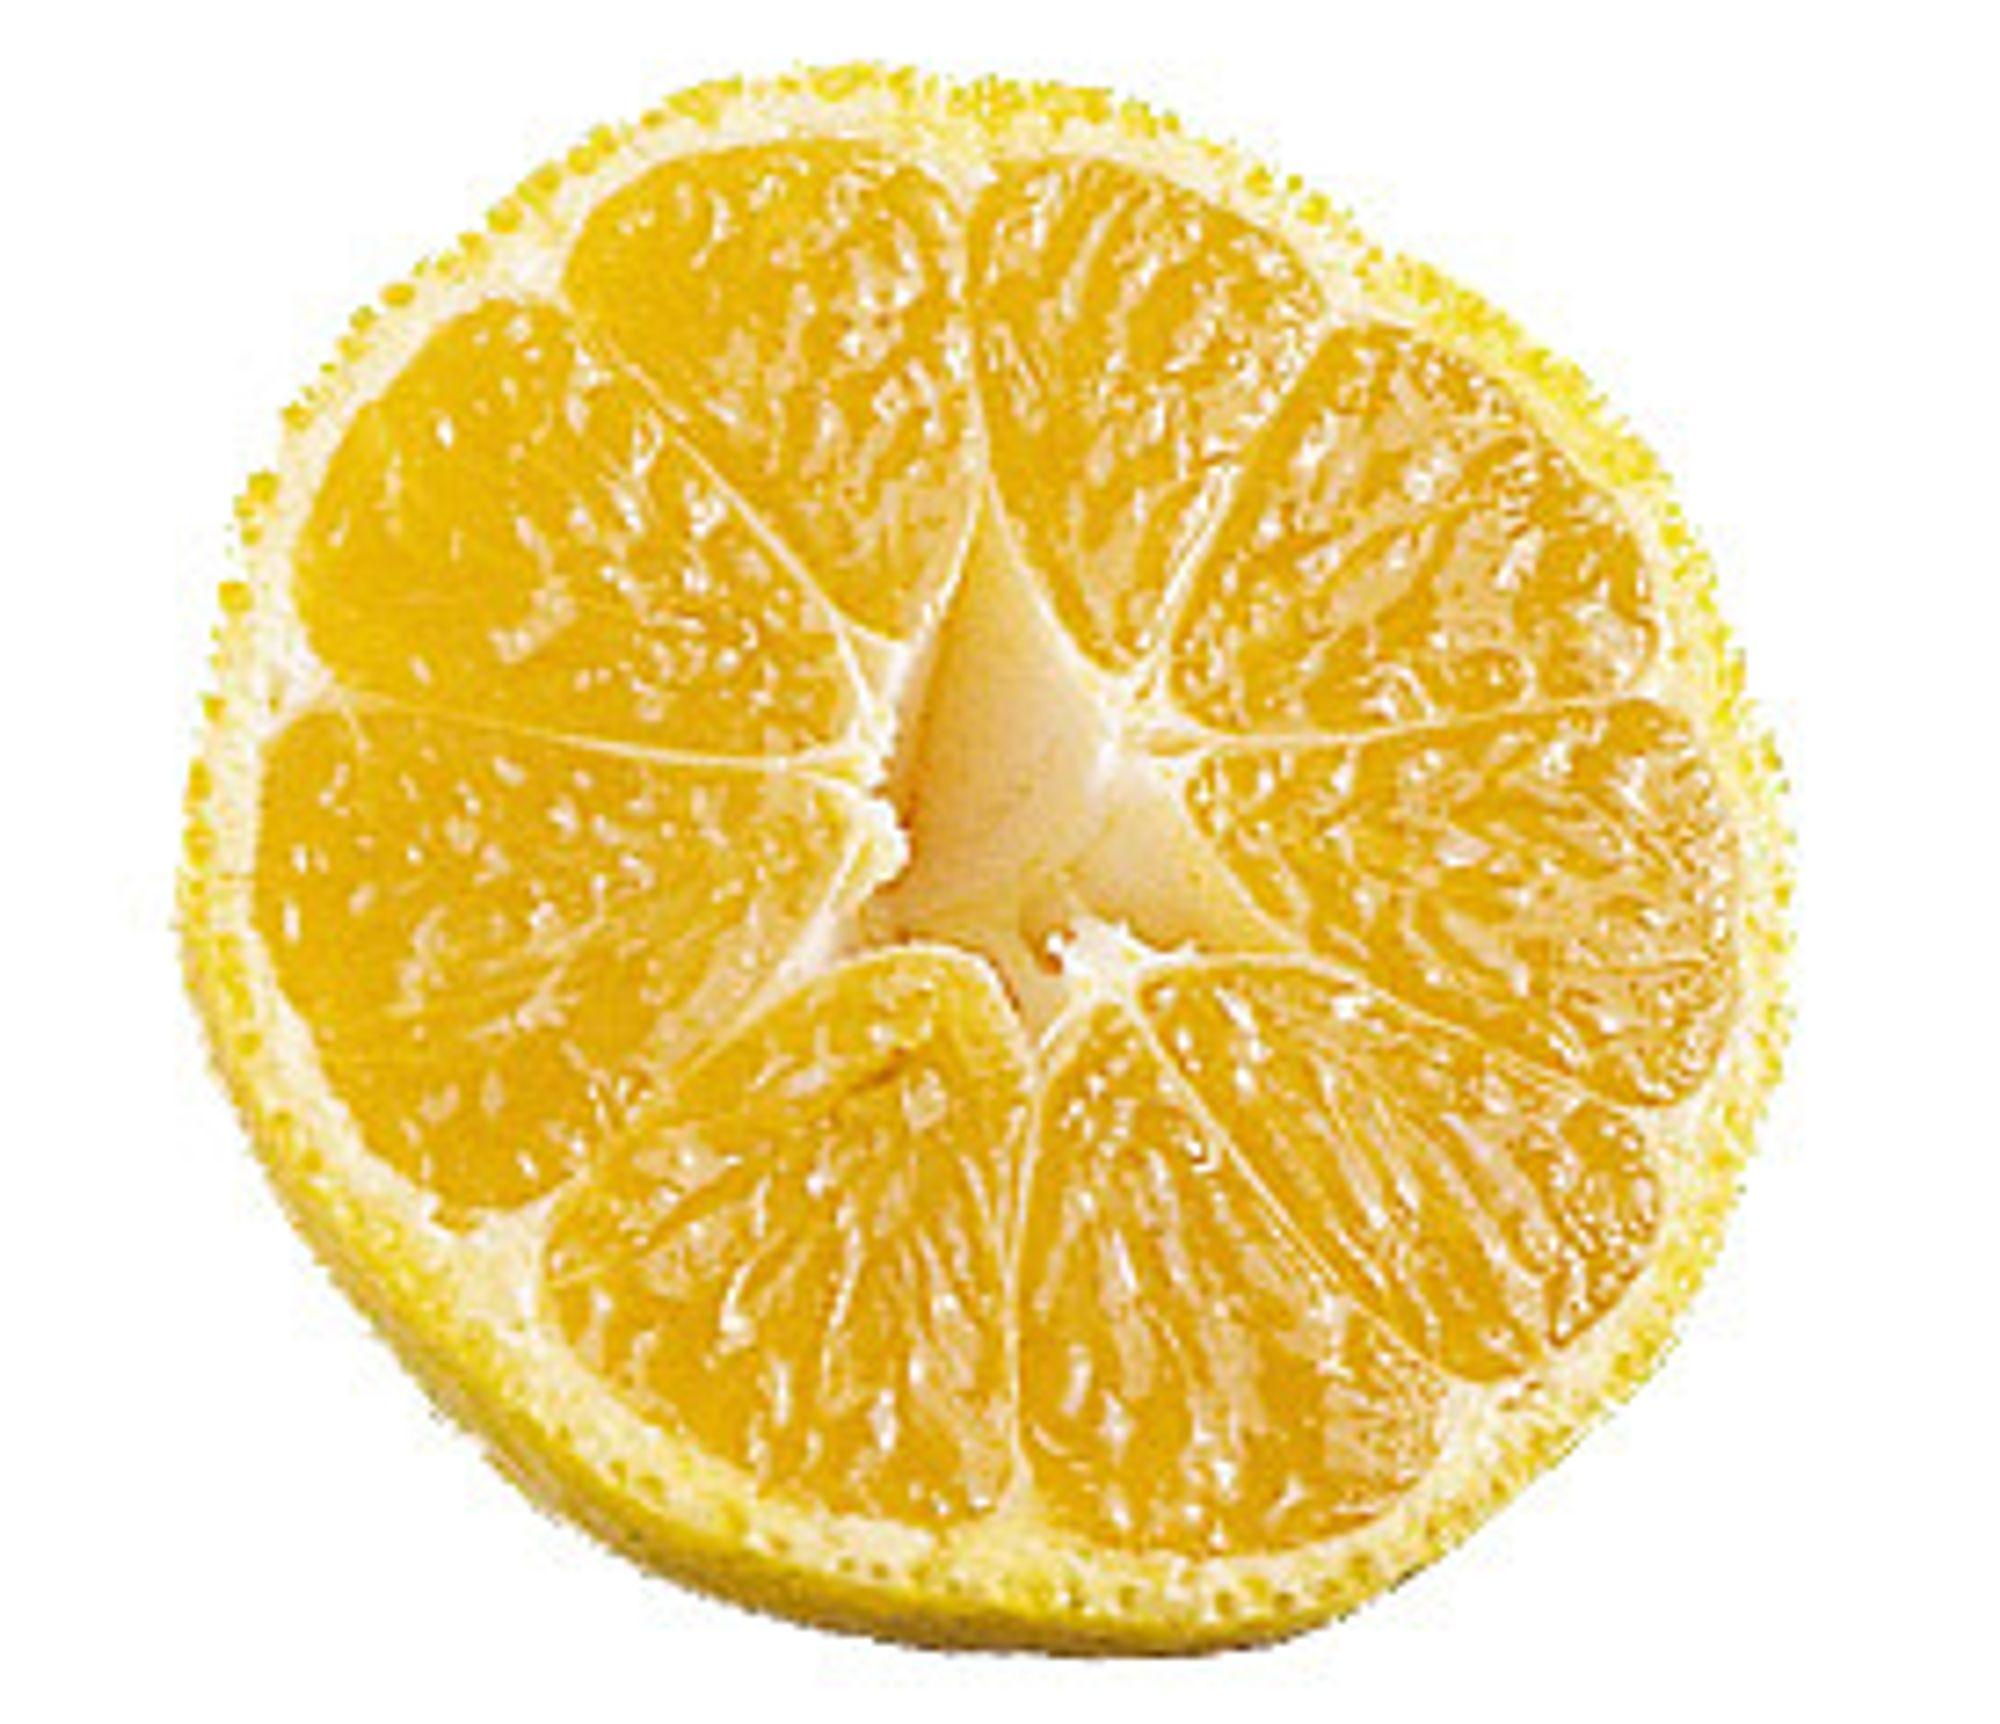 hva heter gule frukter